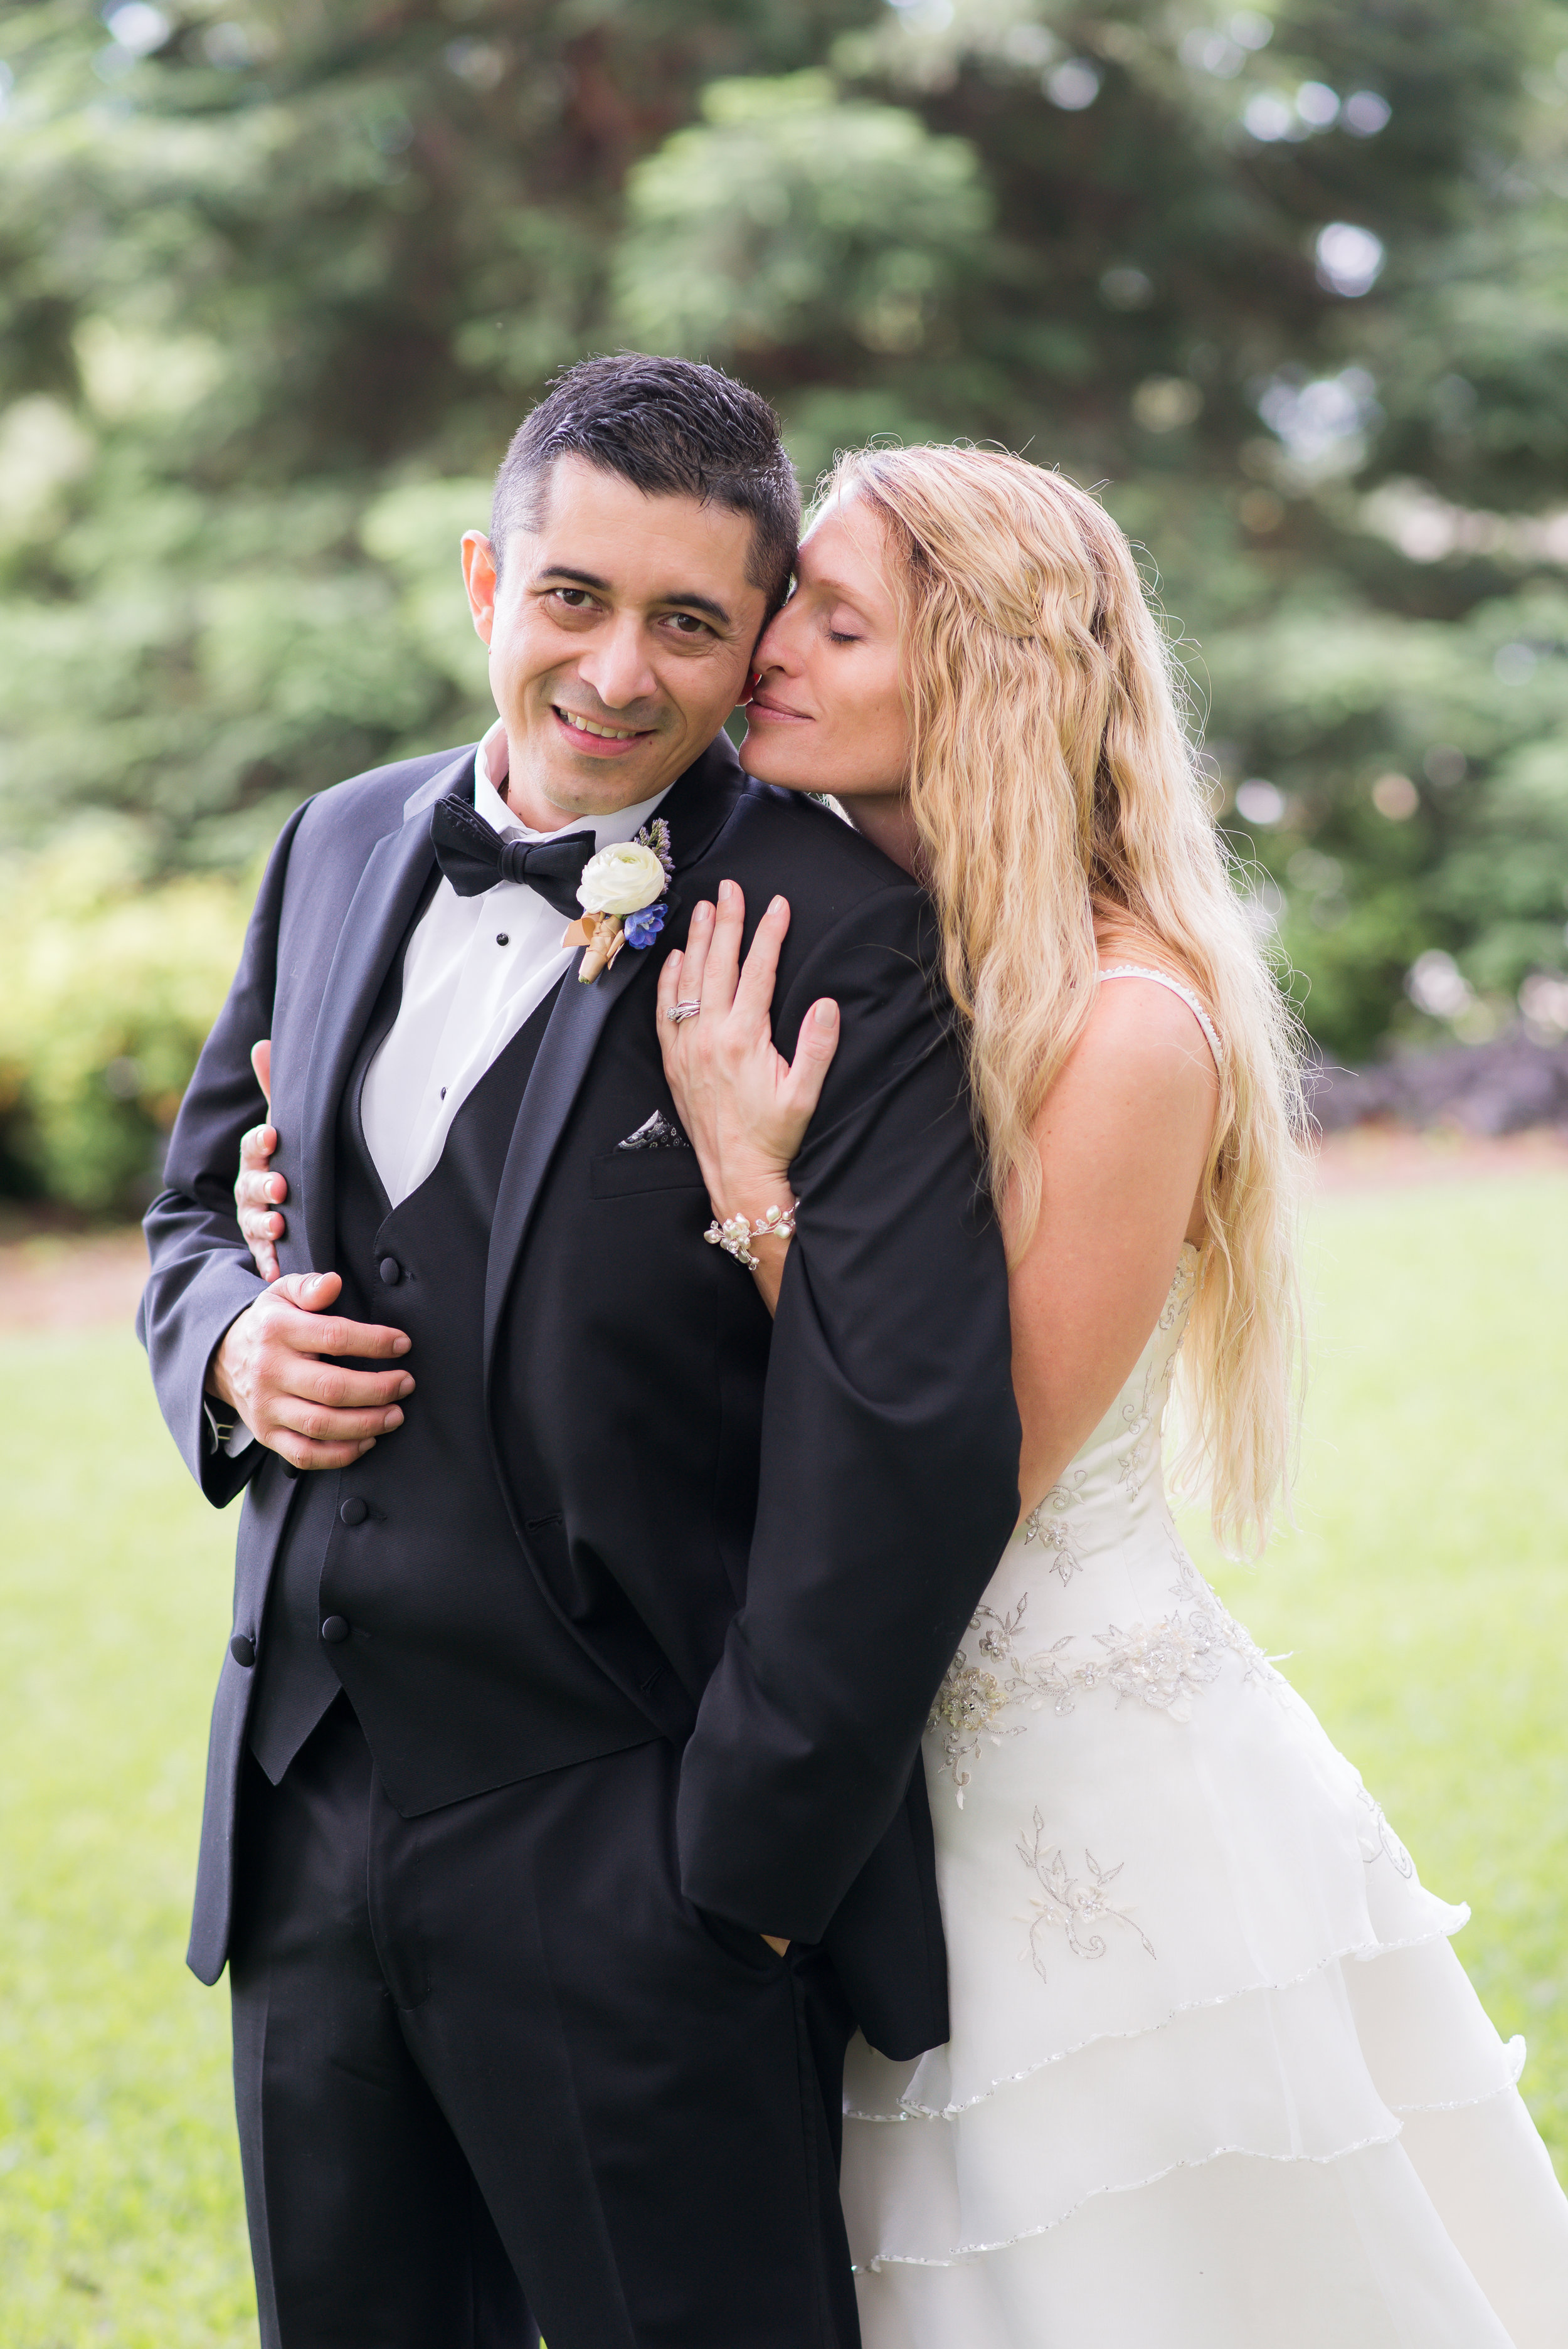 Jen + Jose_Married370 copy.jpg